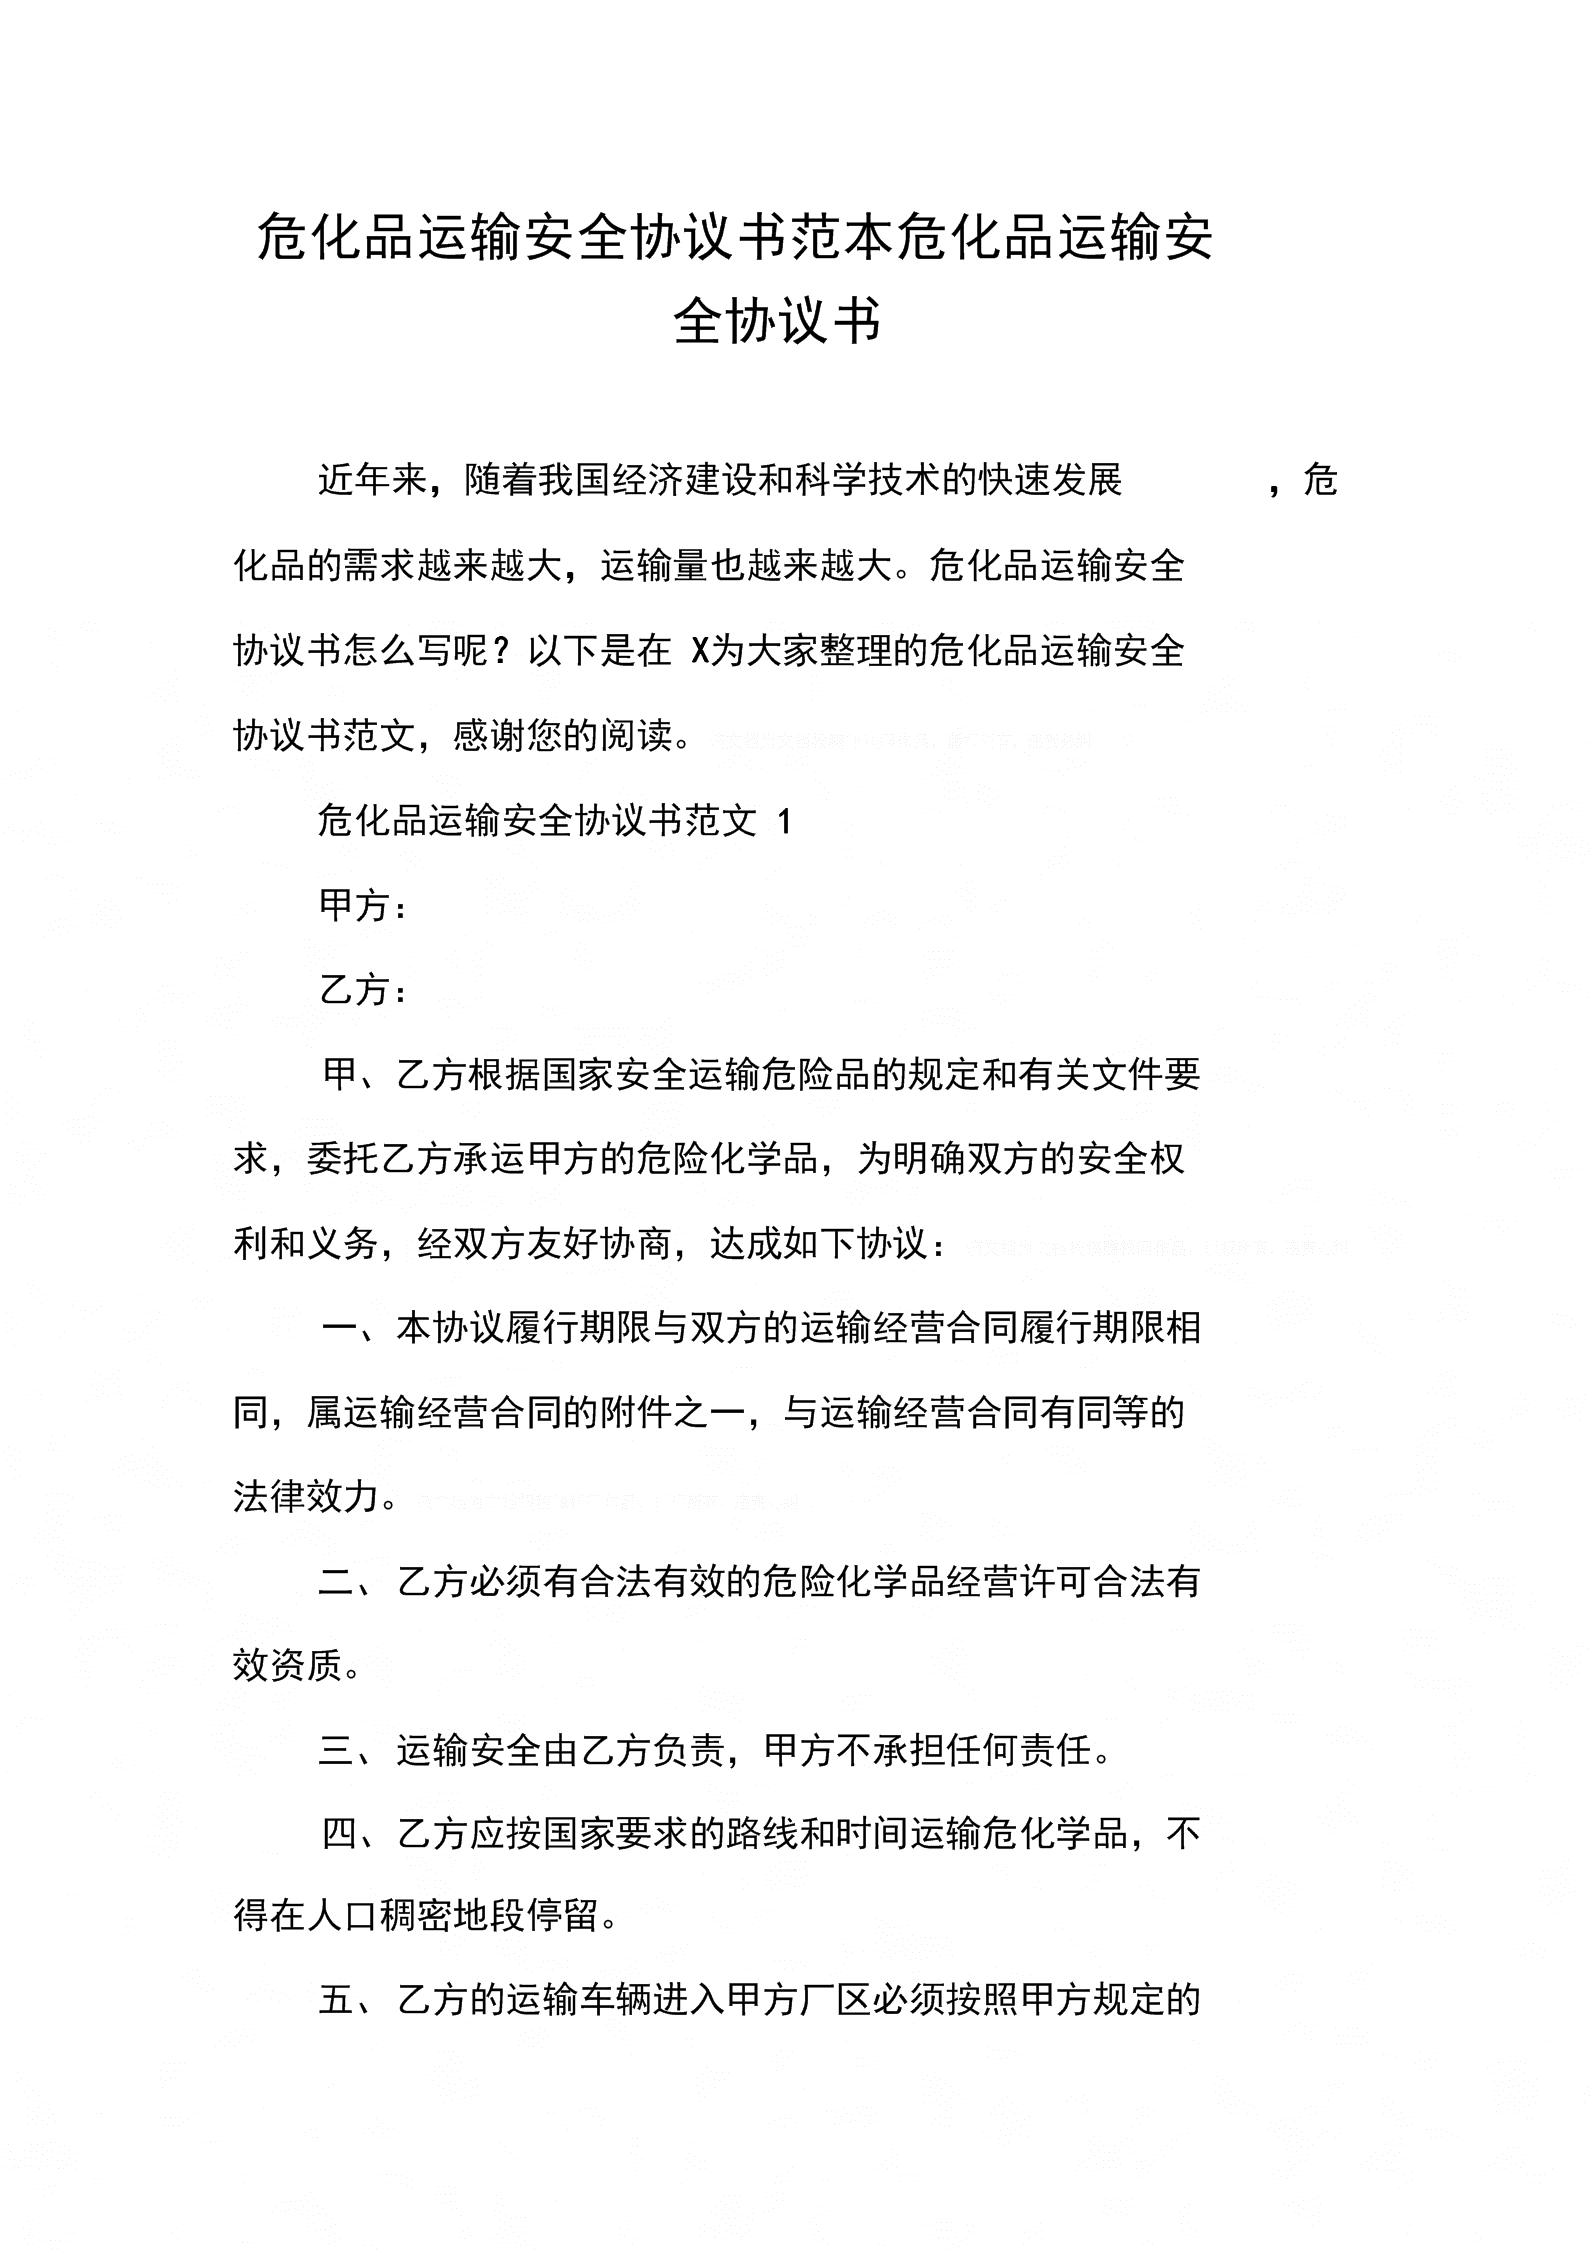 危化品运输安全协议书范本危化品运输安全协议书.docx